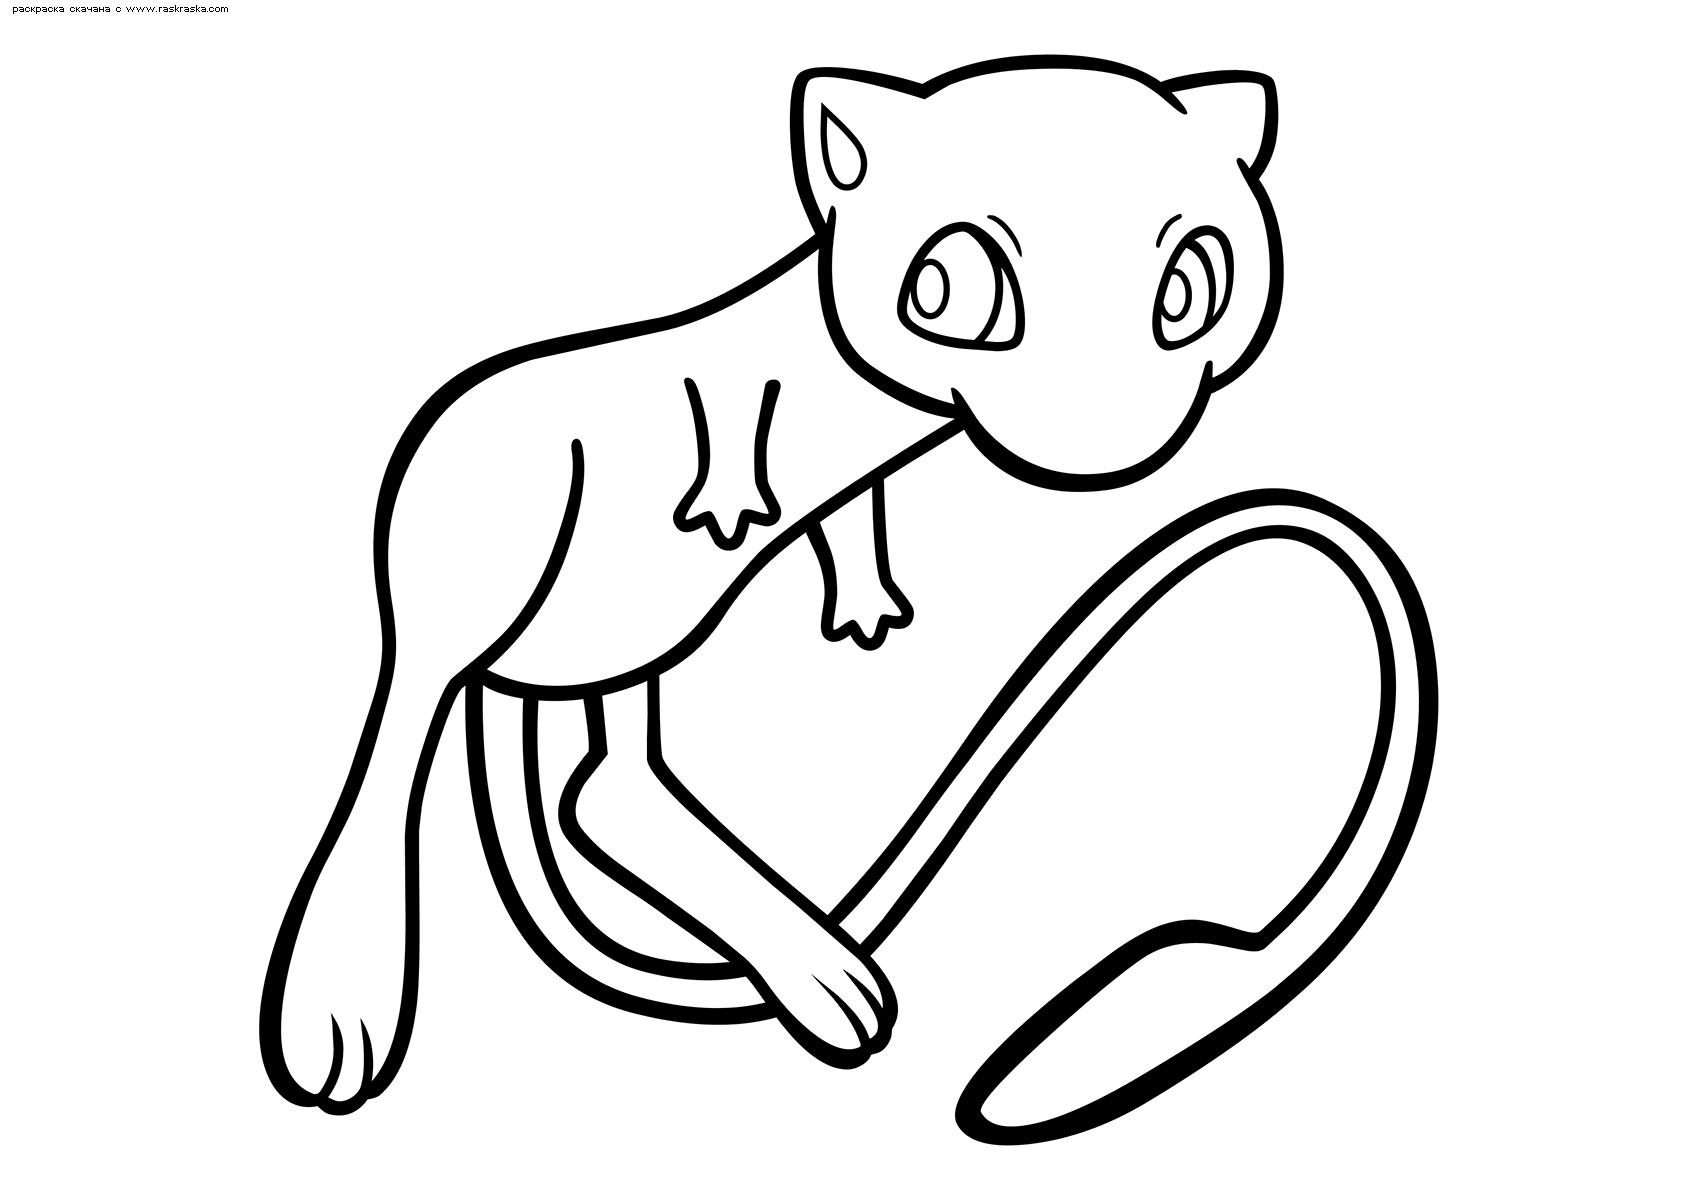 Раскраска Легендарный покемон Мью (Mew) | Раскраски ...